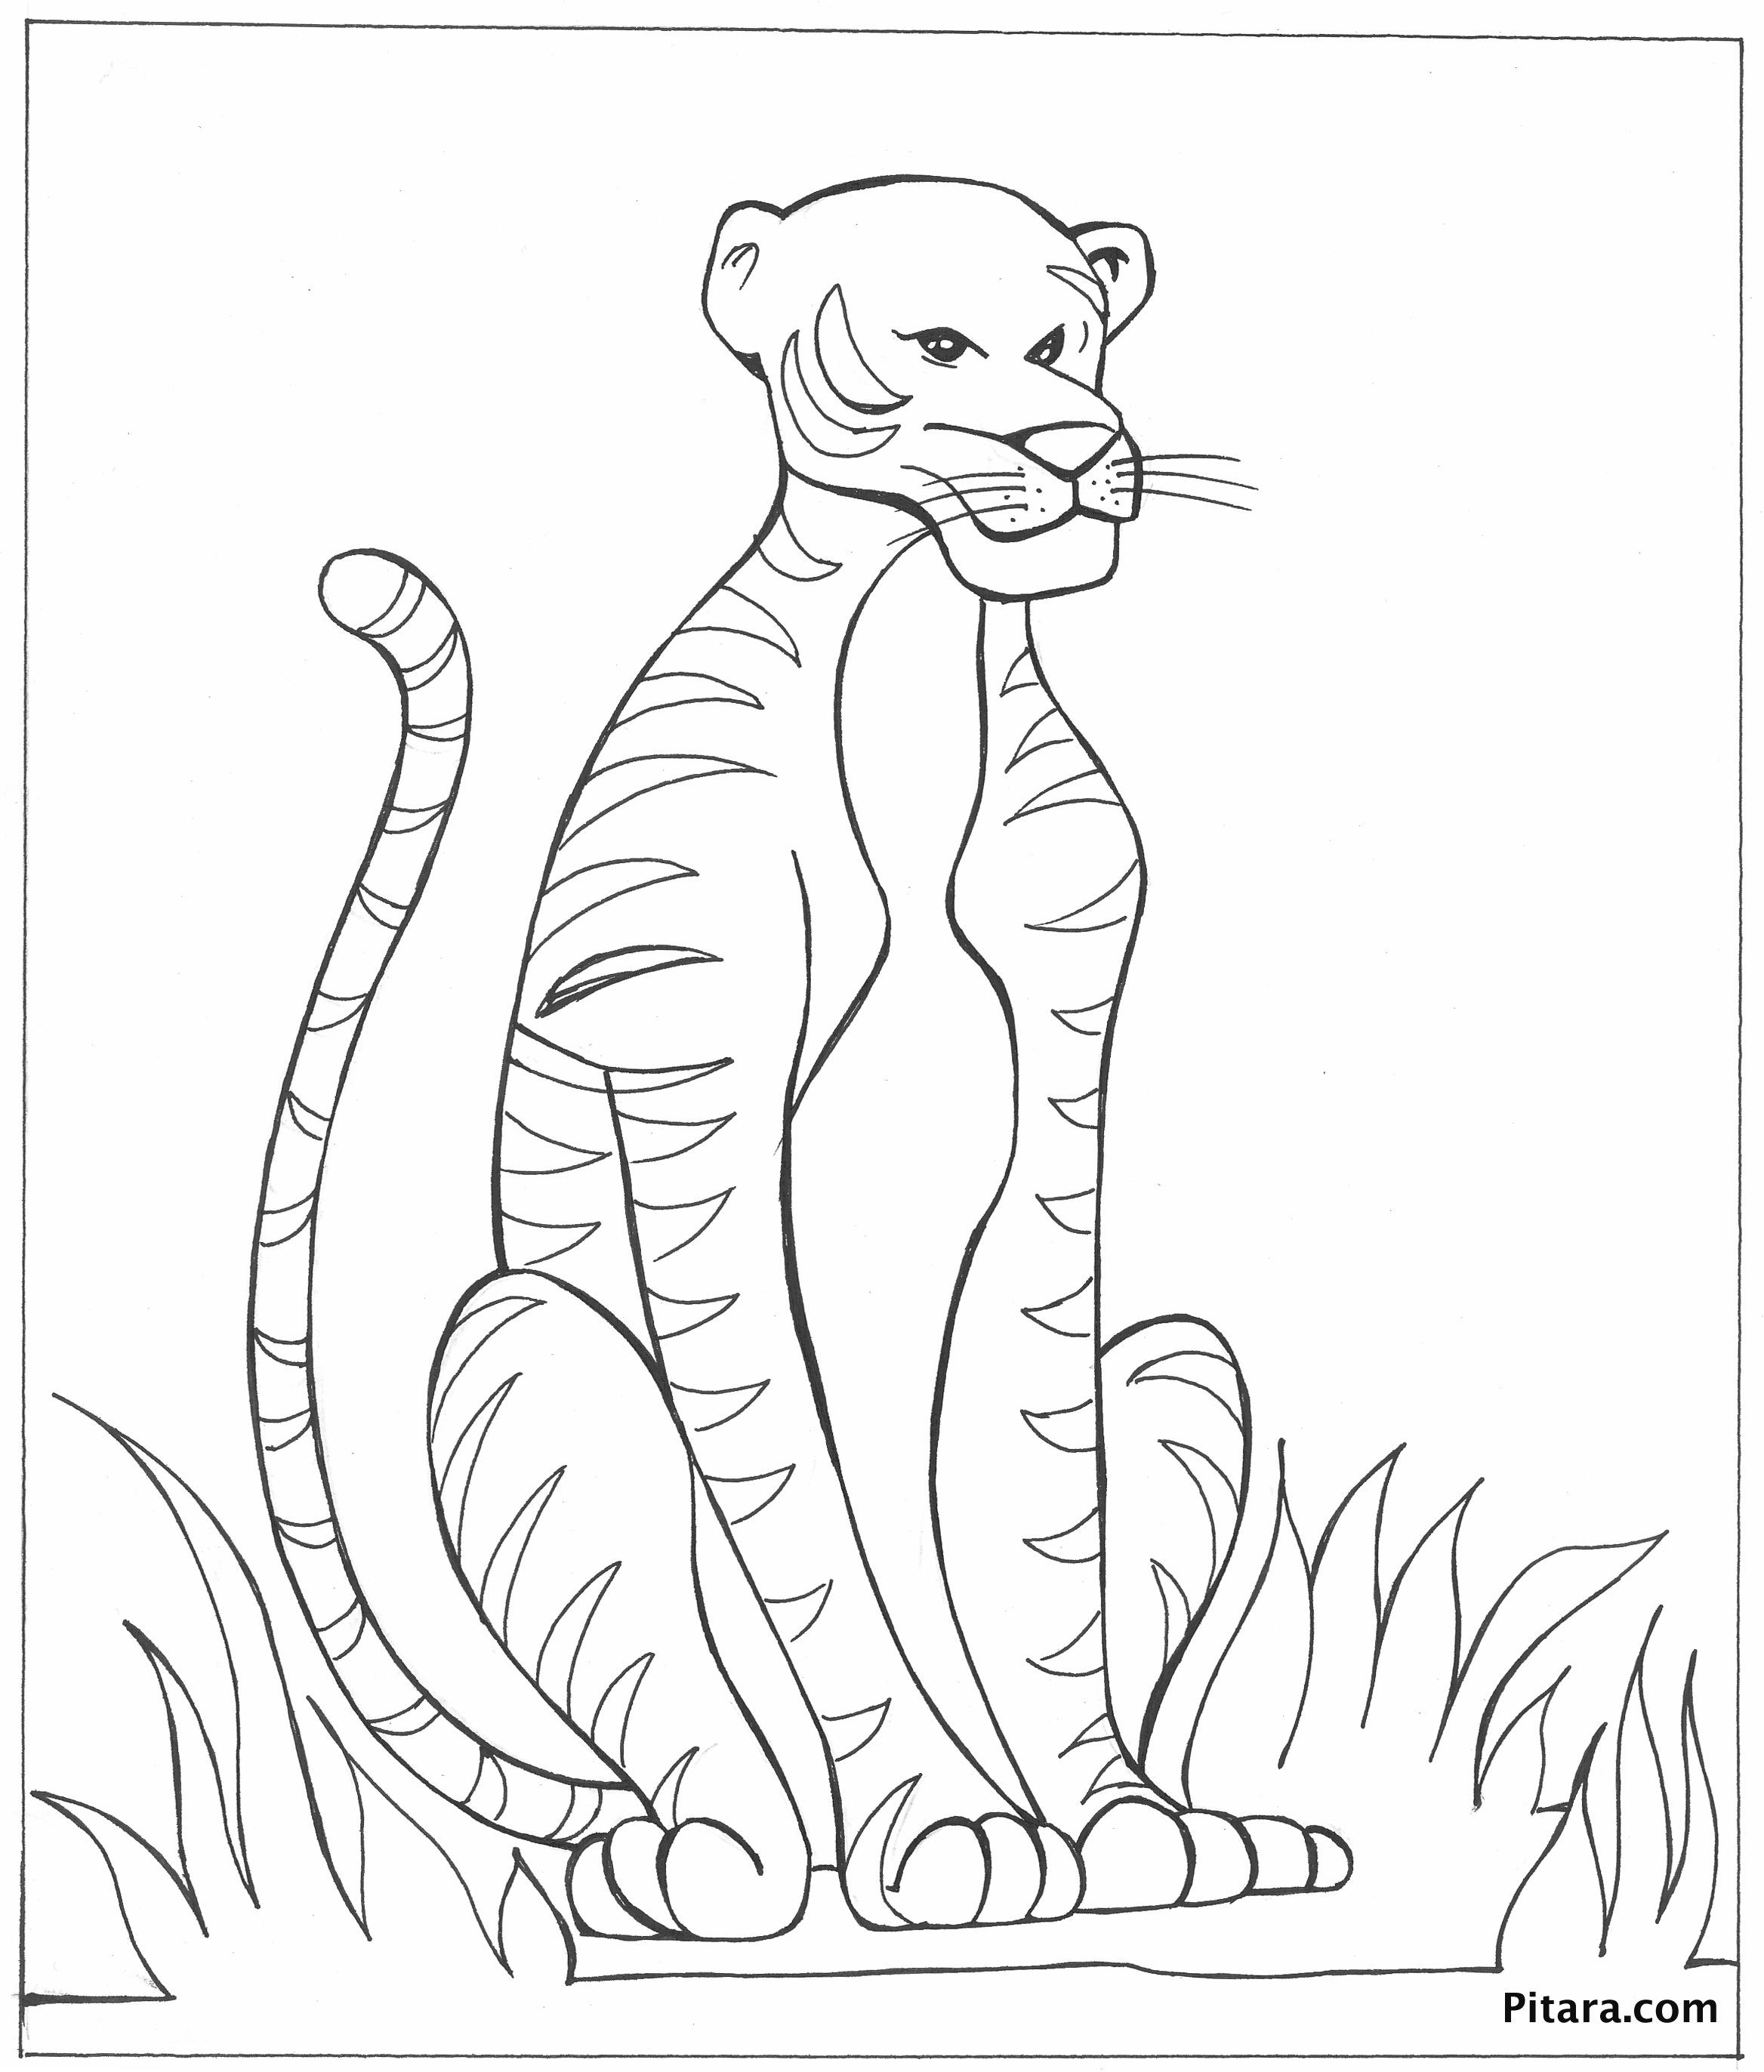 Tranh tô màu với con hổ có khuôn mặt khá bỉ ổi